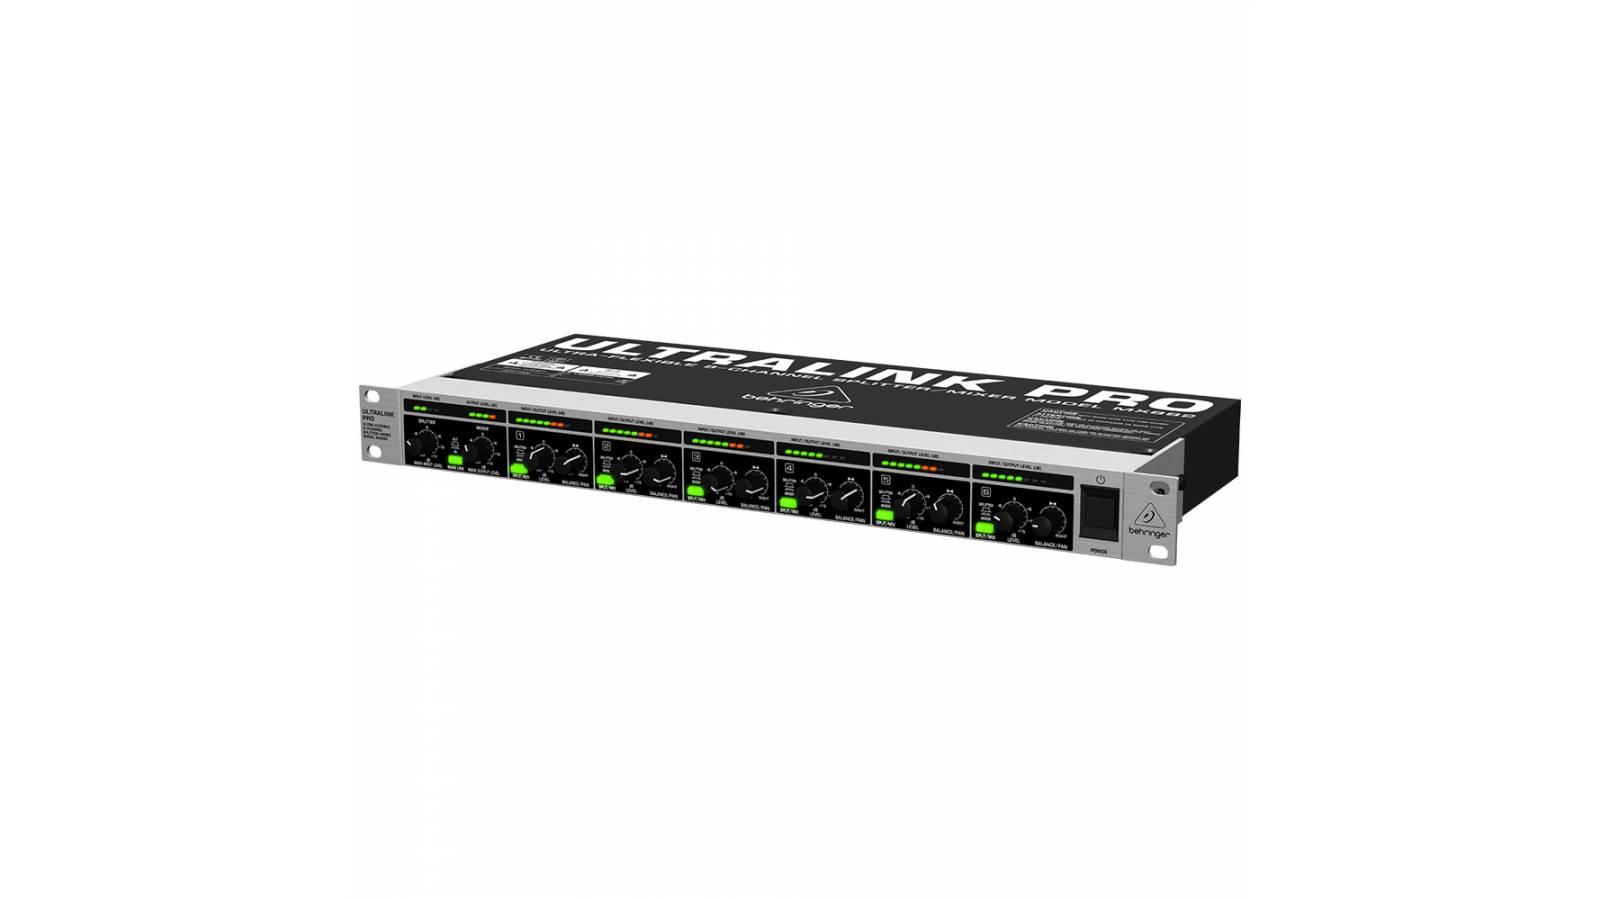 Distribuidor de Señal Behringer MX882 Ultralink Pro